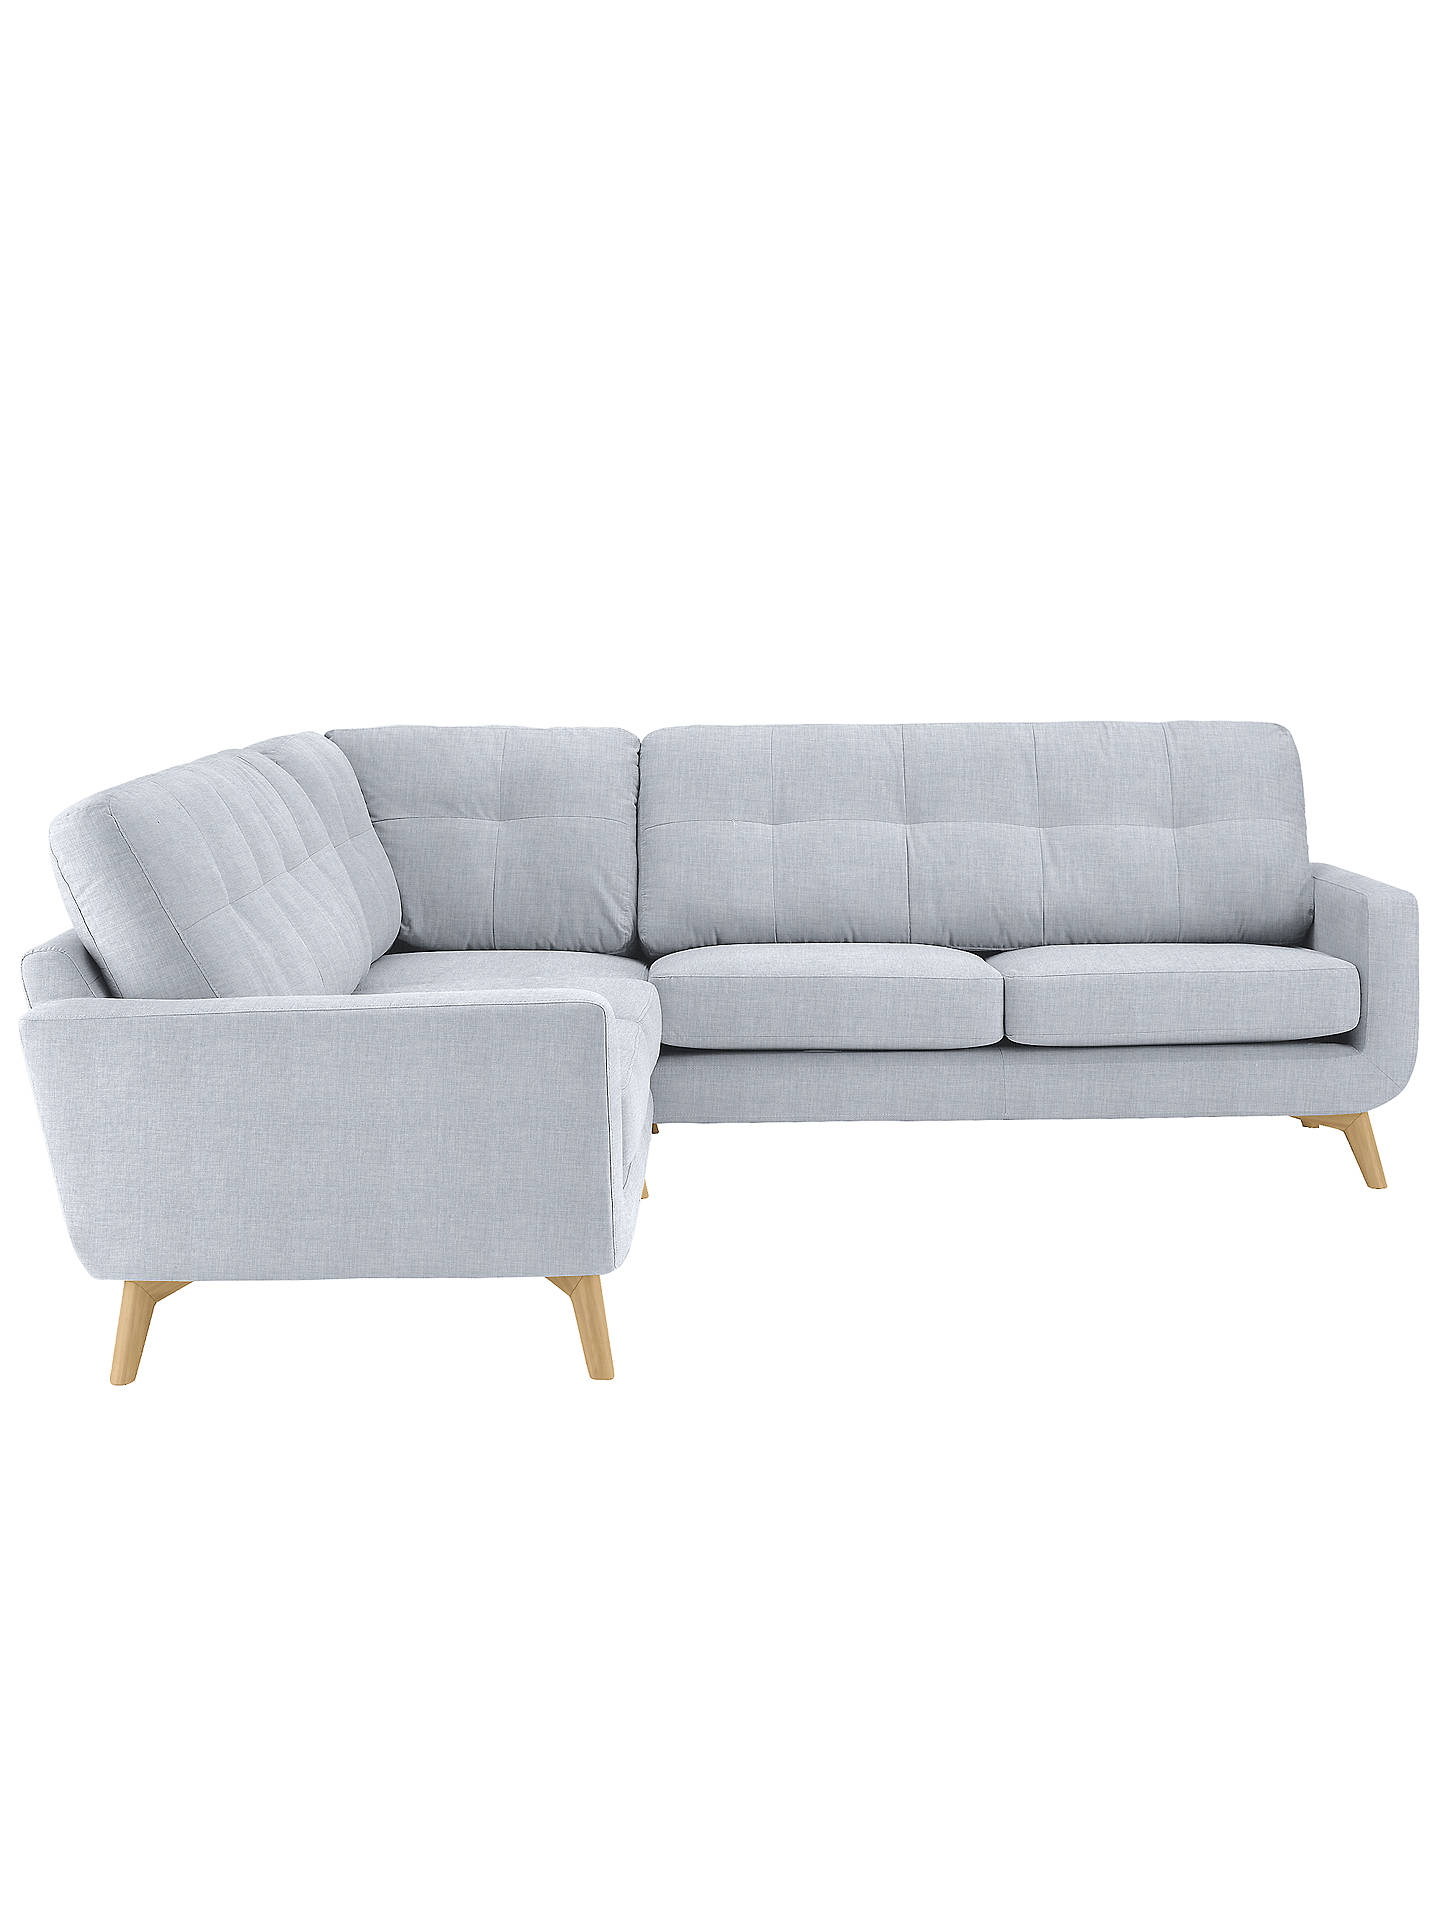 john lewis barbican corner sofa fraser duck egg at john. Black Bedroom Furniture Sets. Home Design Ideas